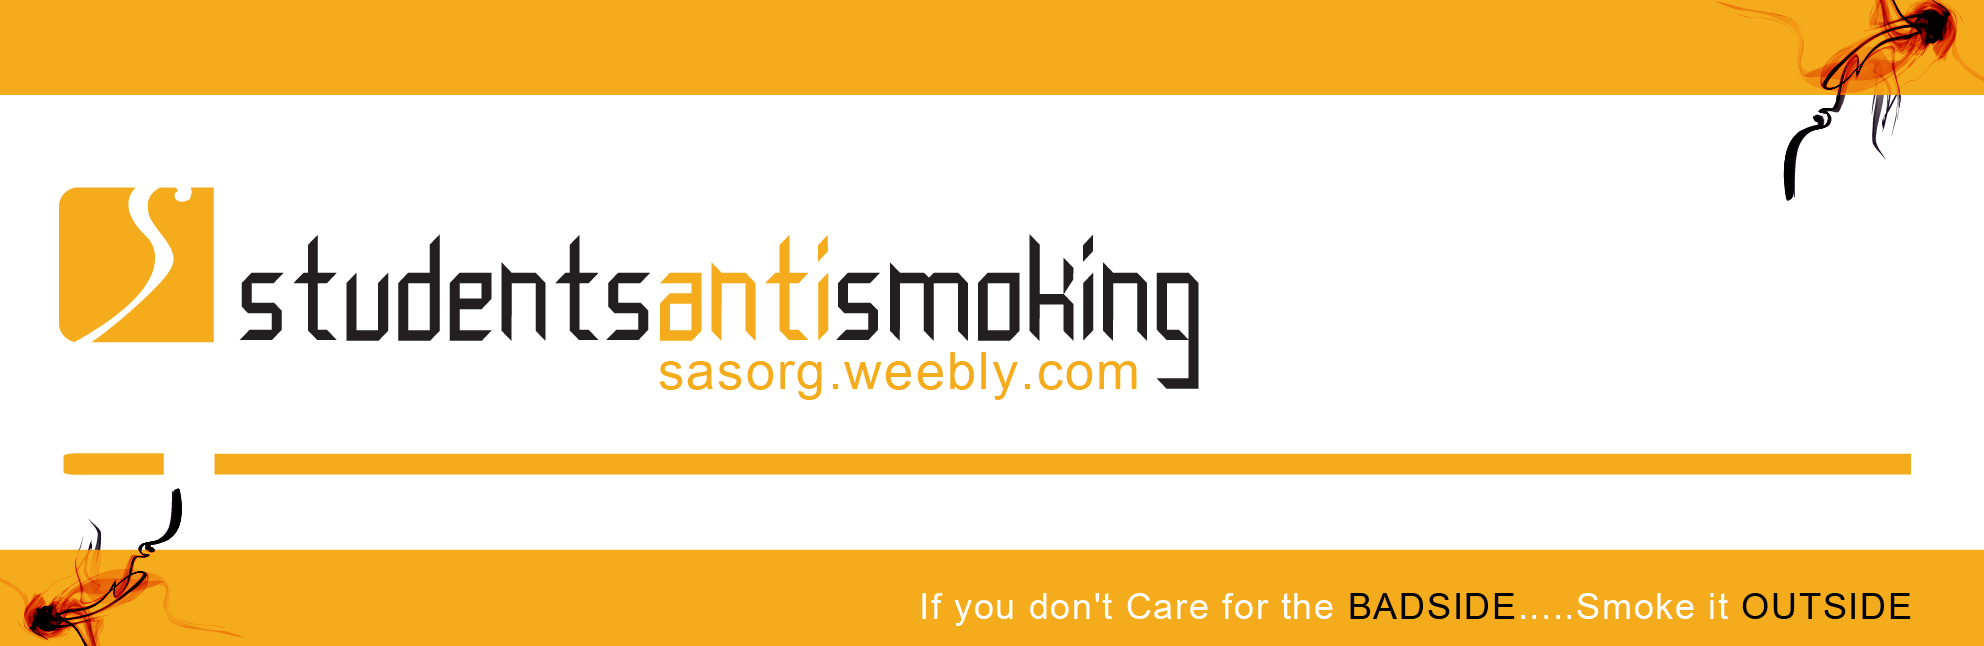 Students Anti Smoking